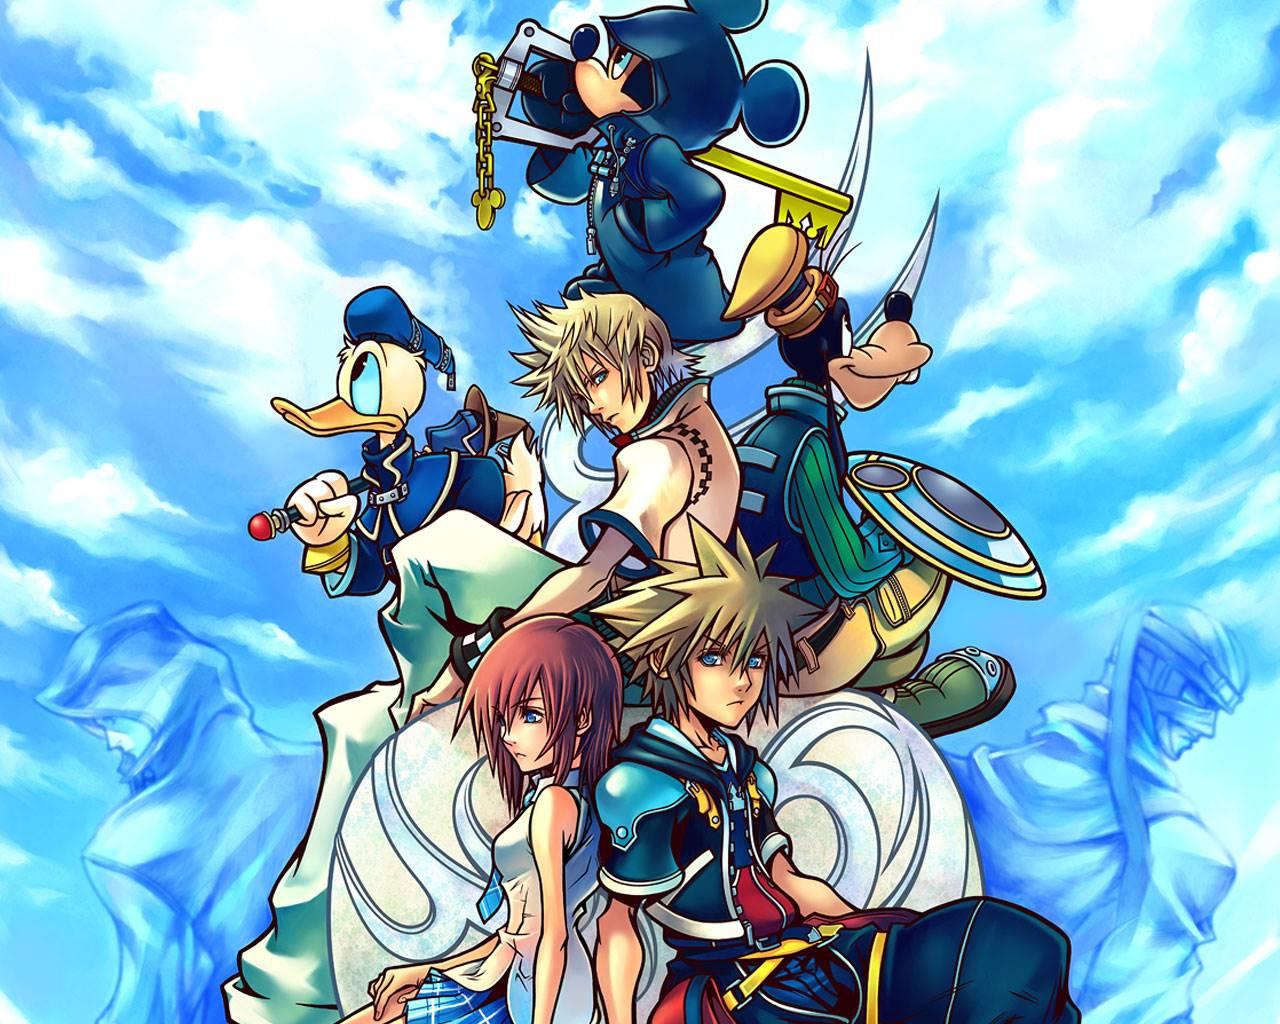 Kingdom Hearts II, jogo de PlayStation 2, capa com os personagens da franquia em plano triangular e fundo azul cheio de nuvens.